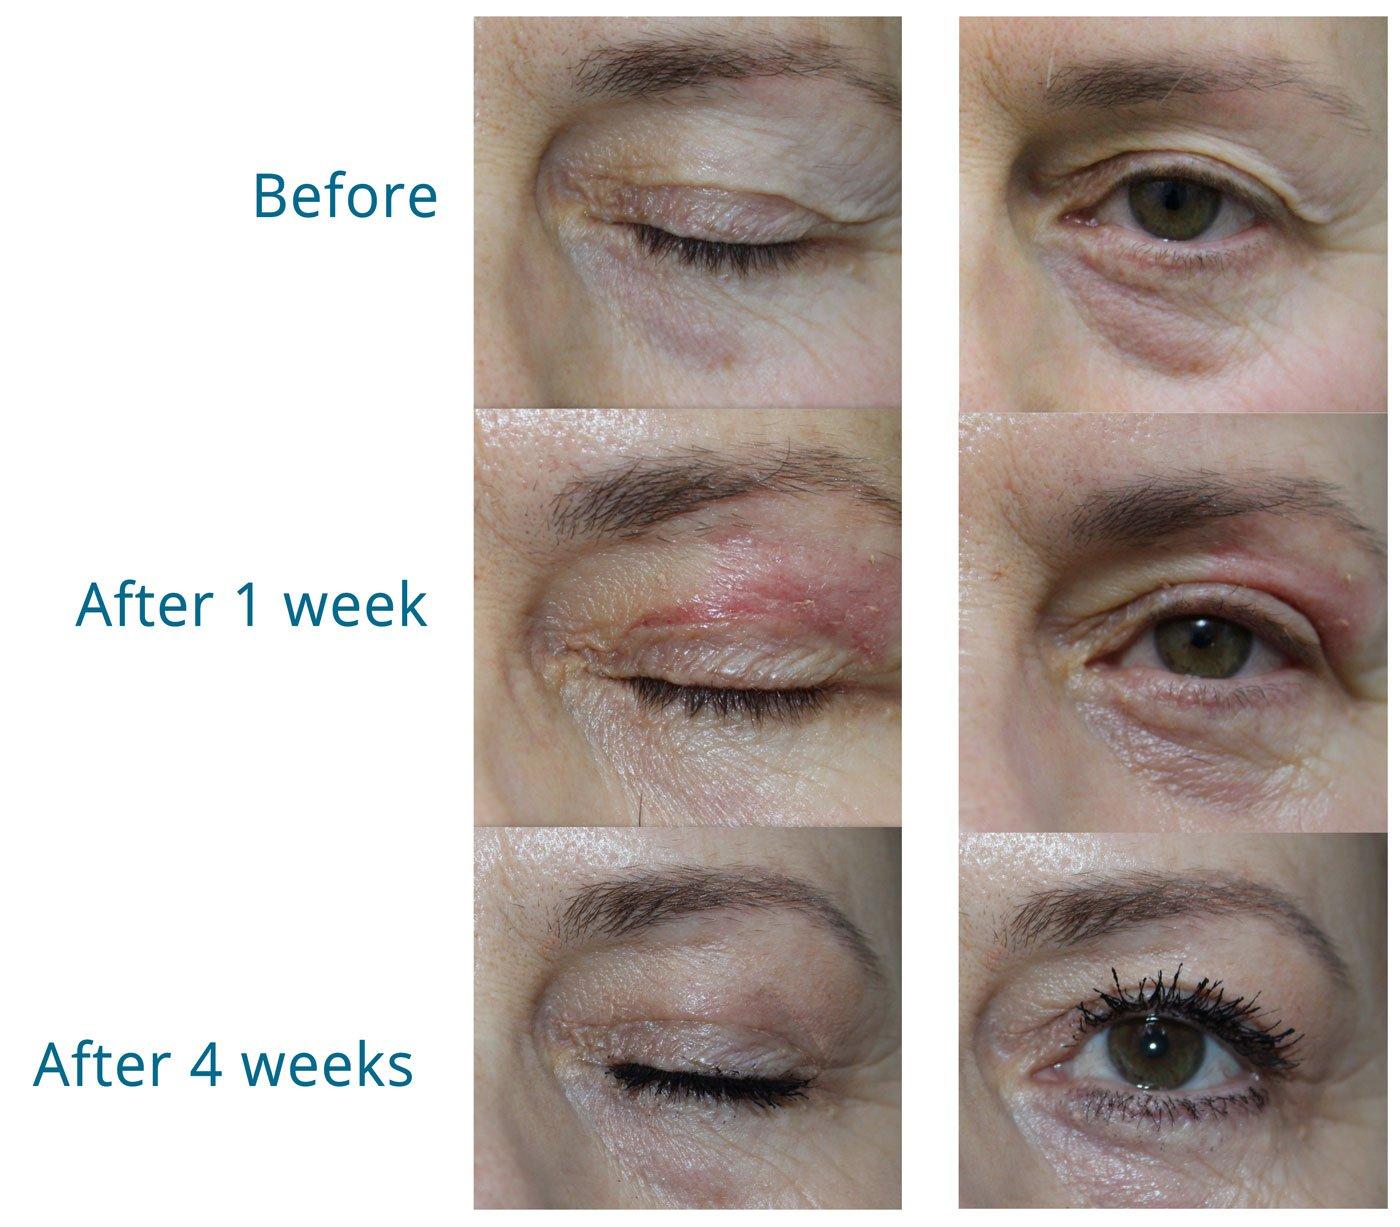 operatie ooglidcorrectie